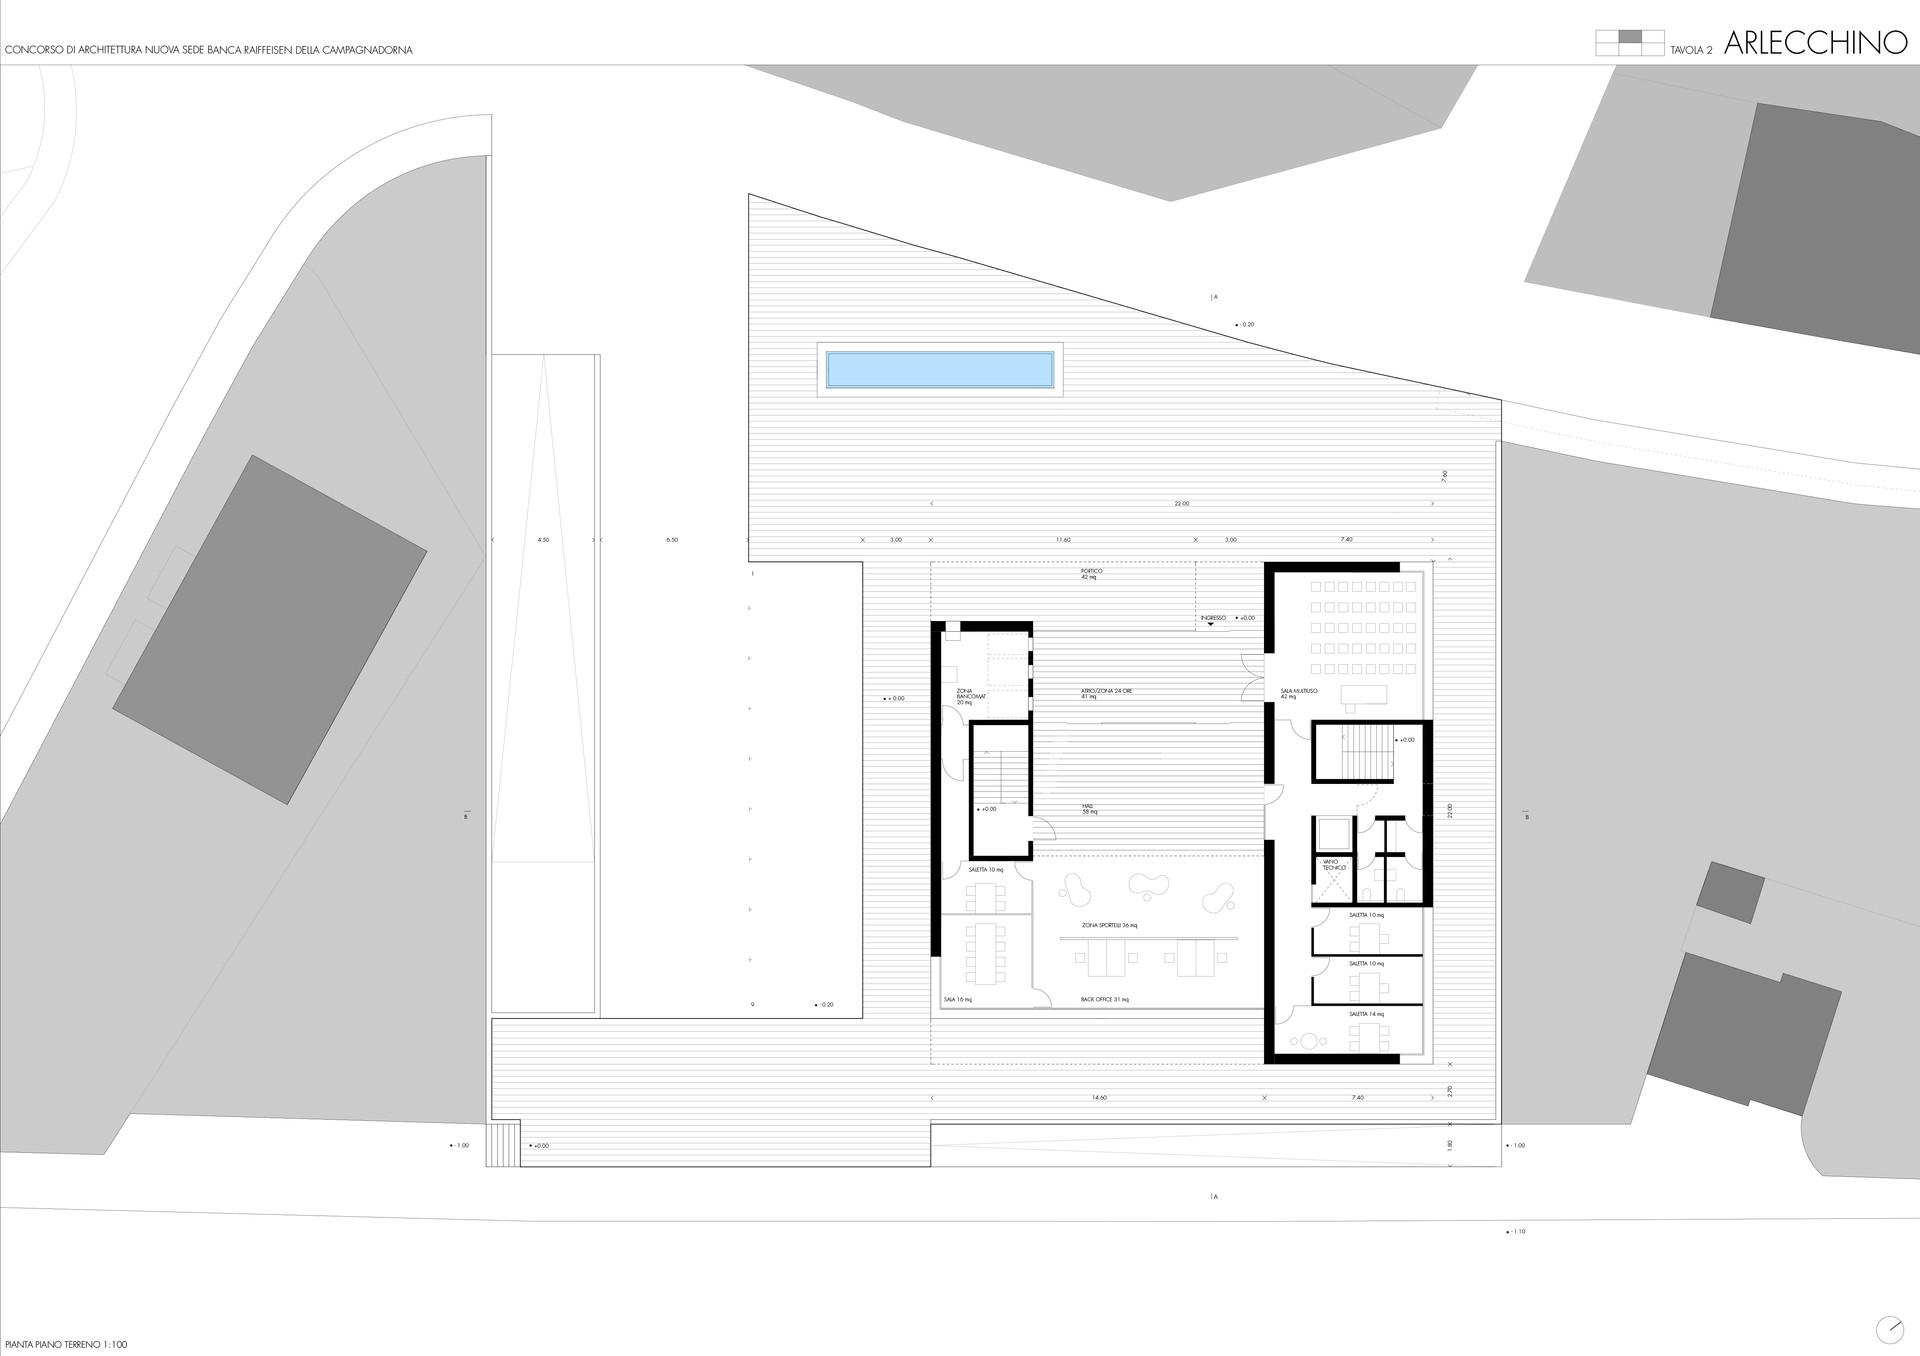 tavola 2.jpg